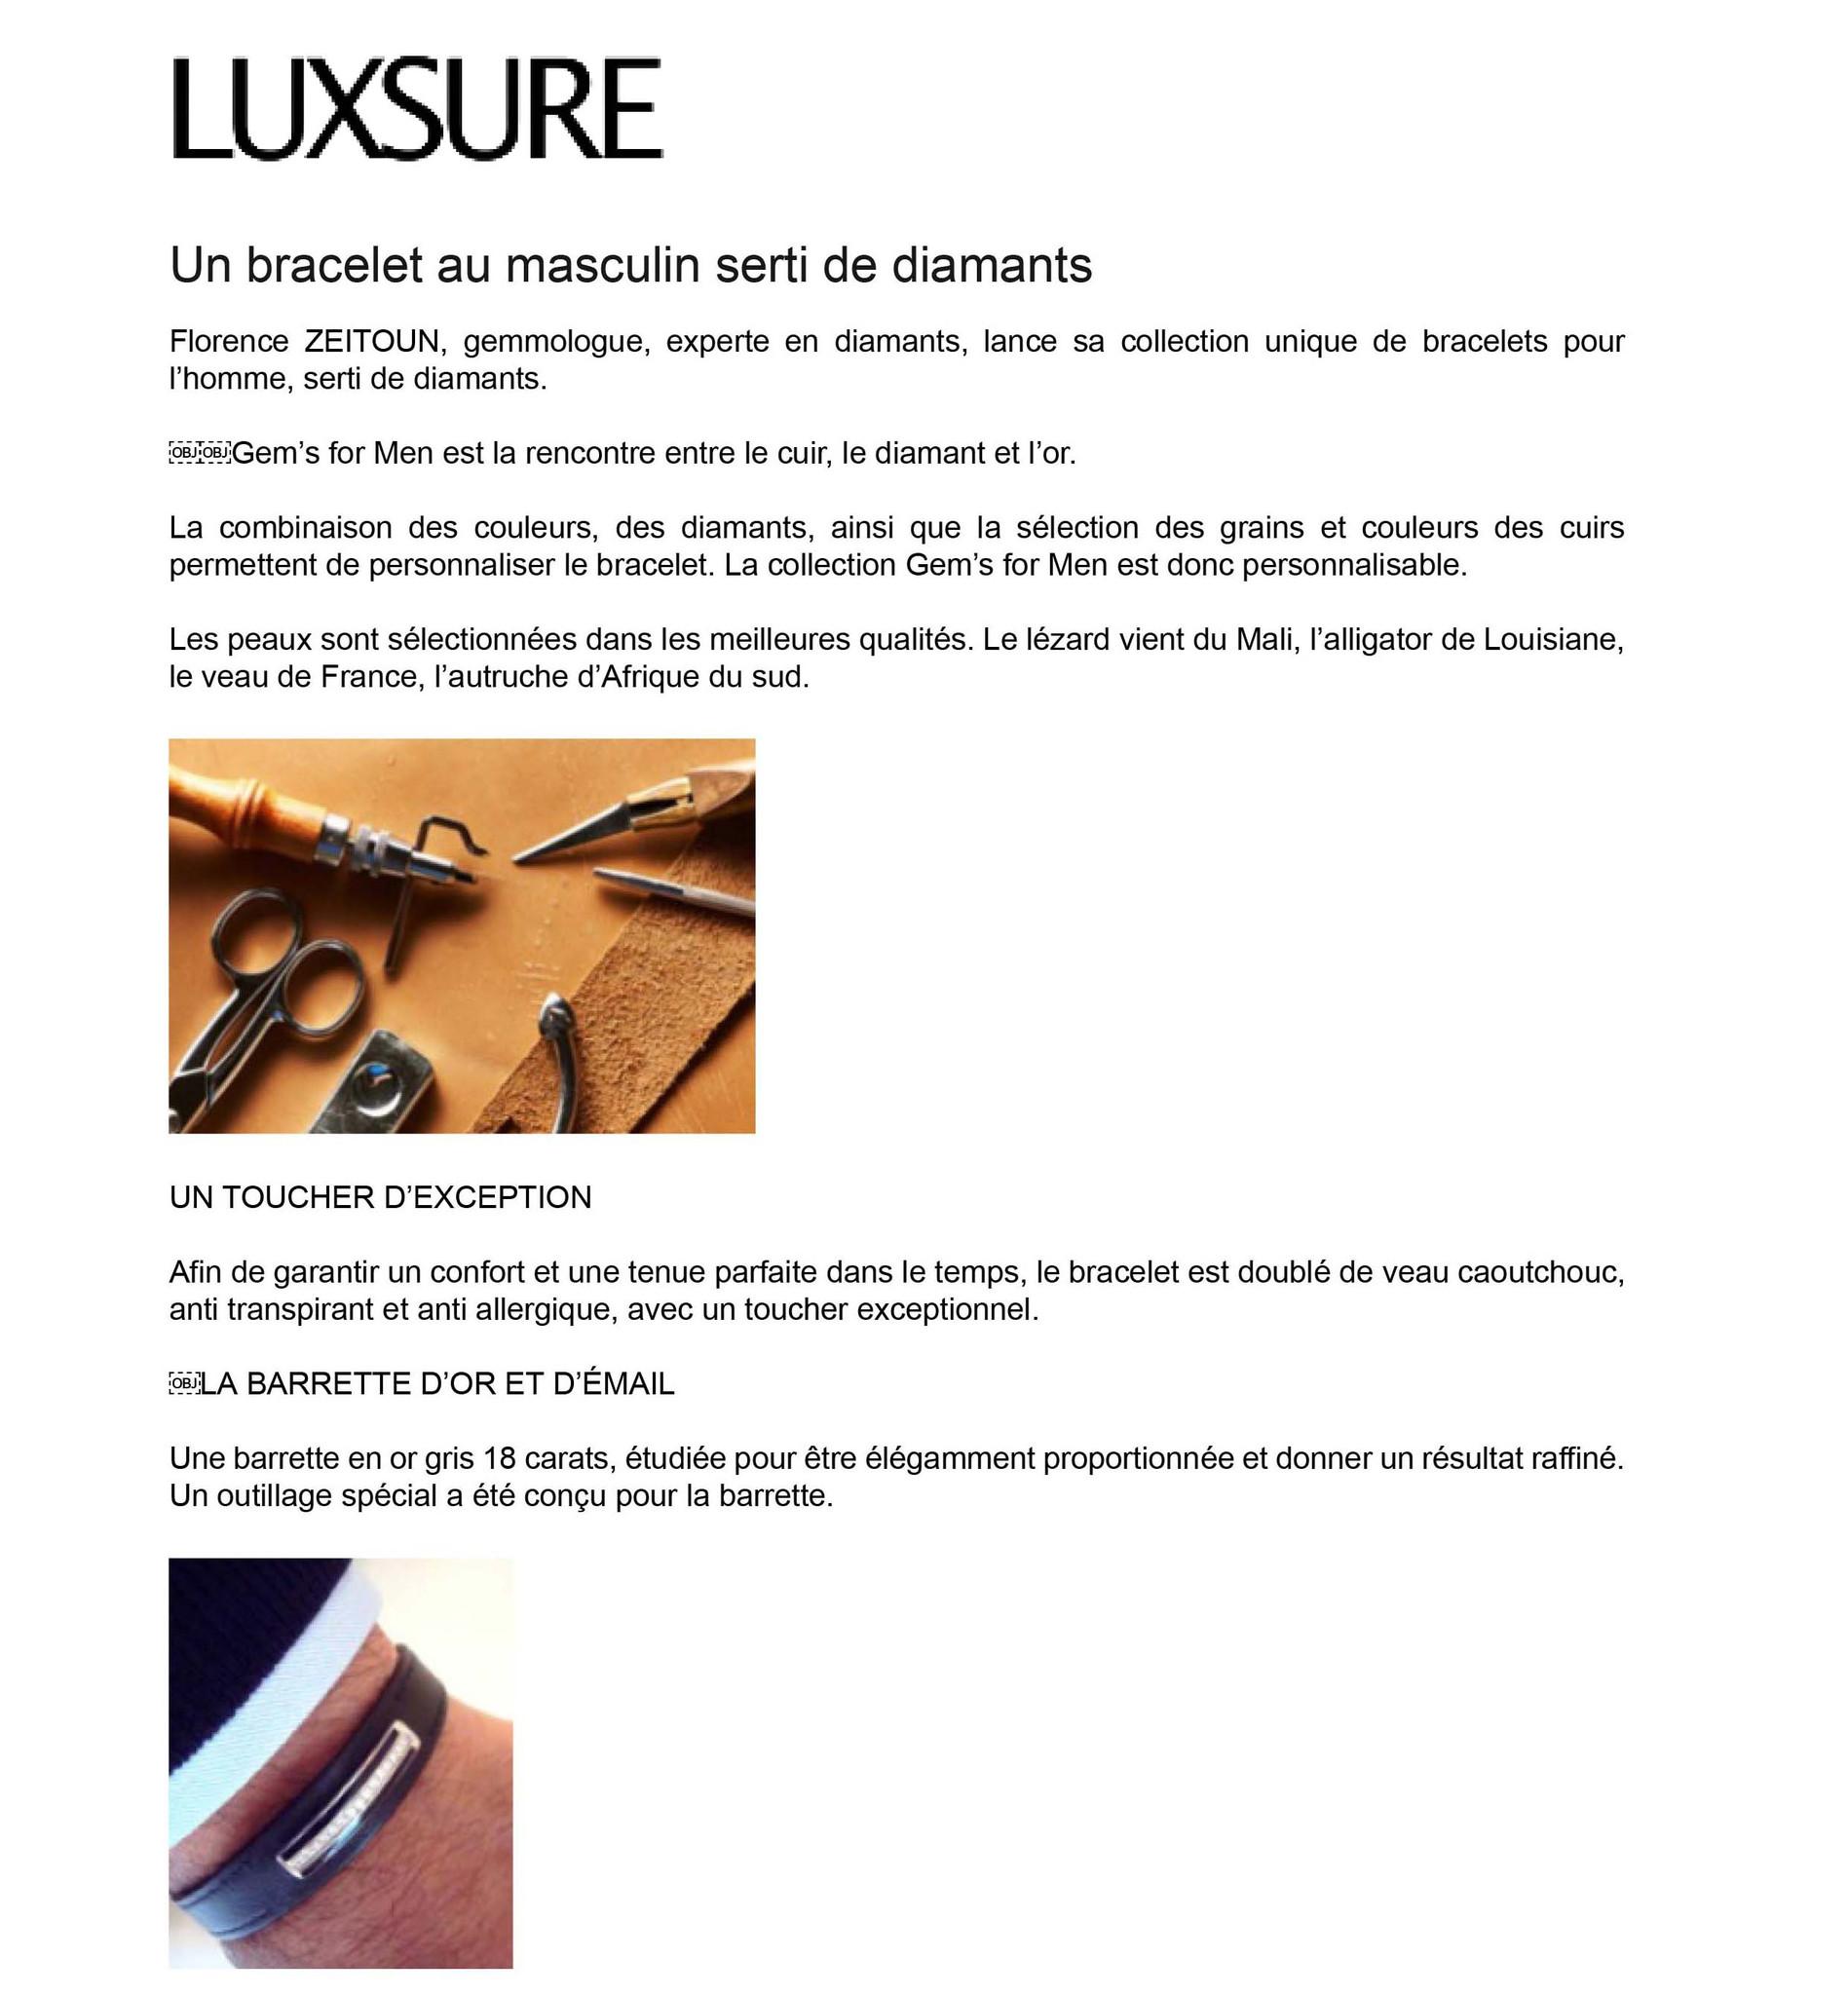 luxsure_web_2048x2048